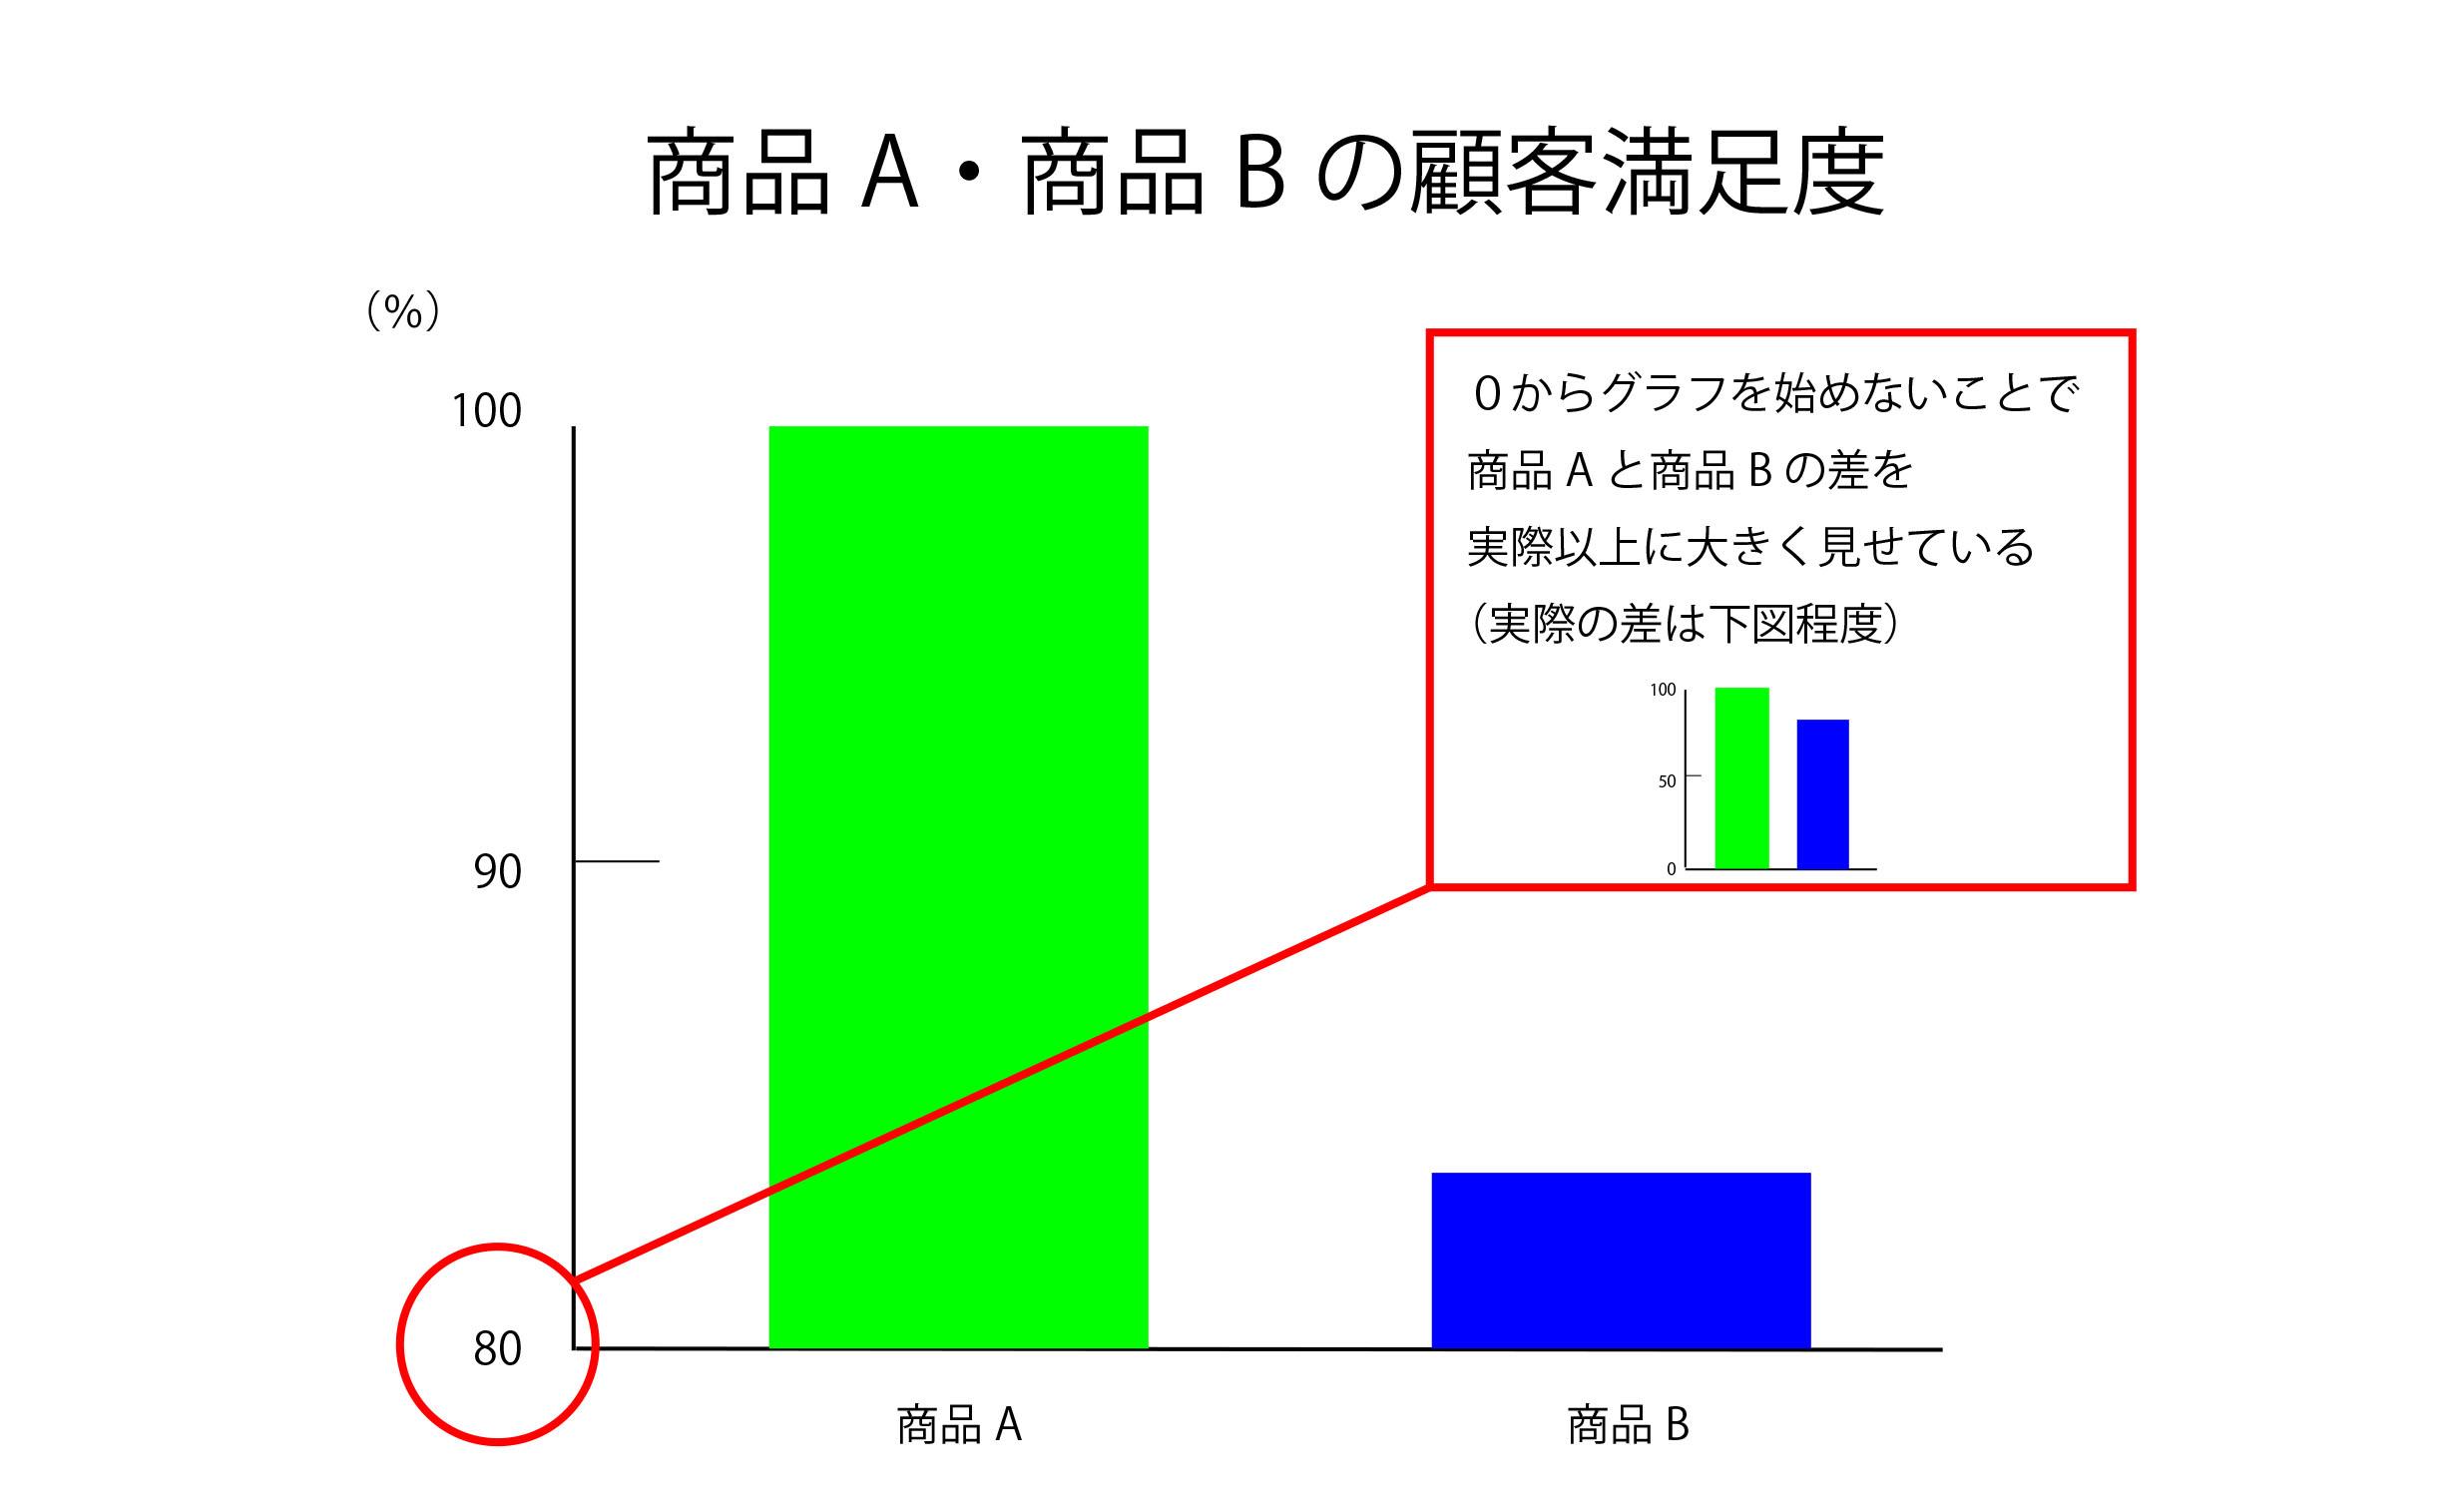 「0から始まらない棒グラフ」の例